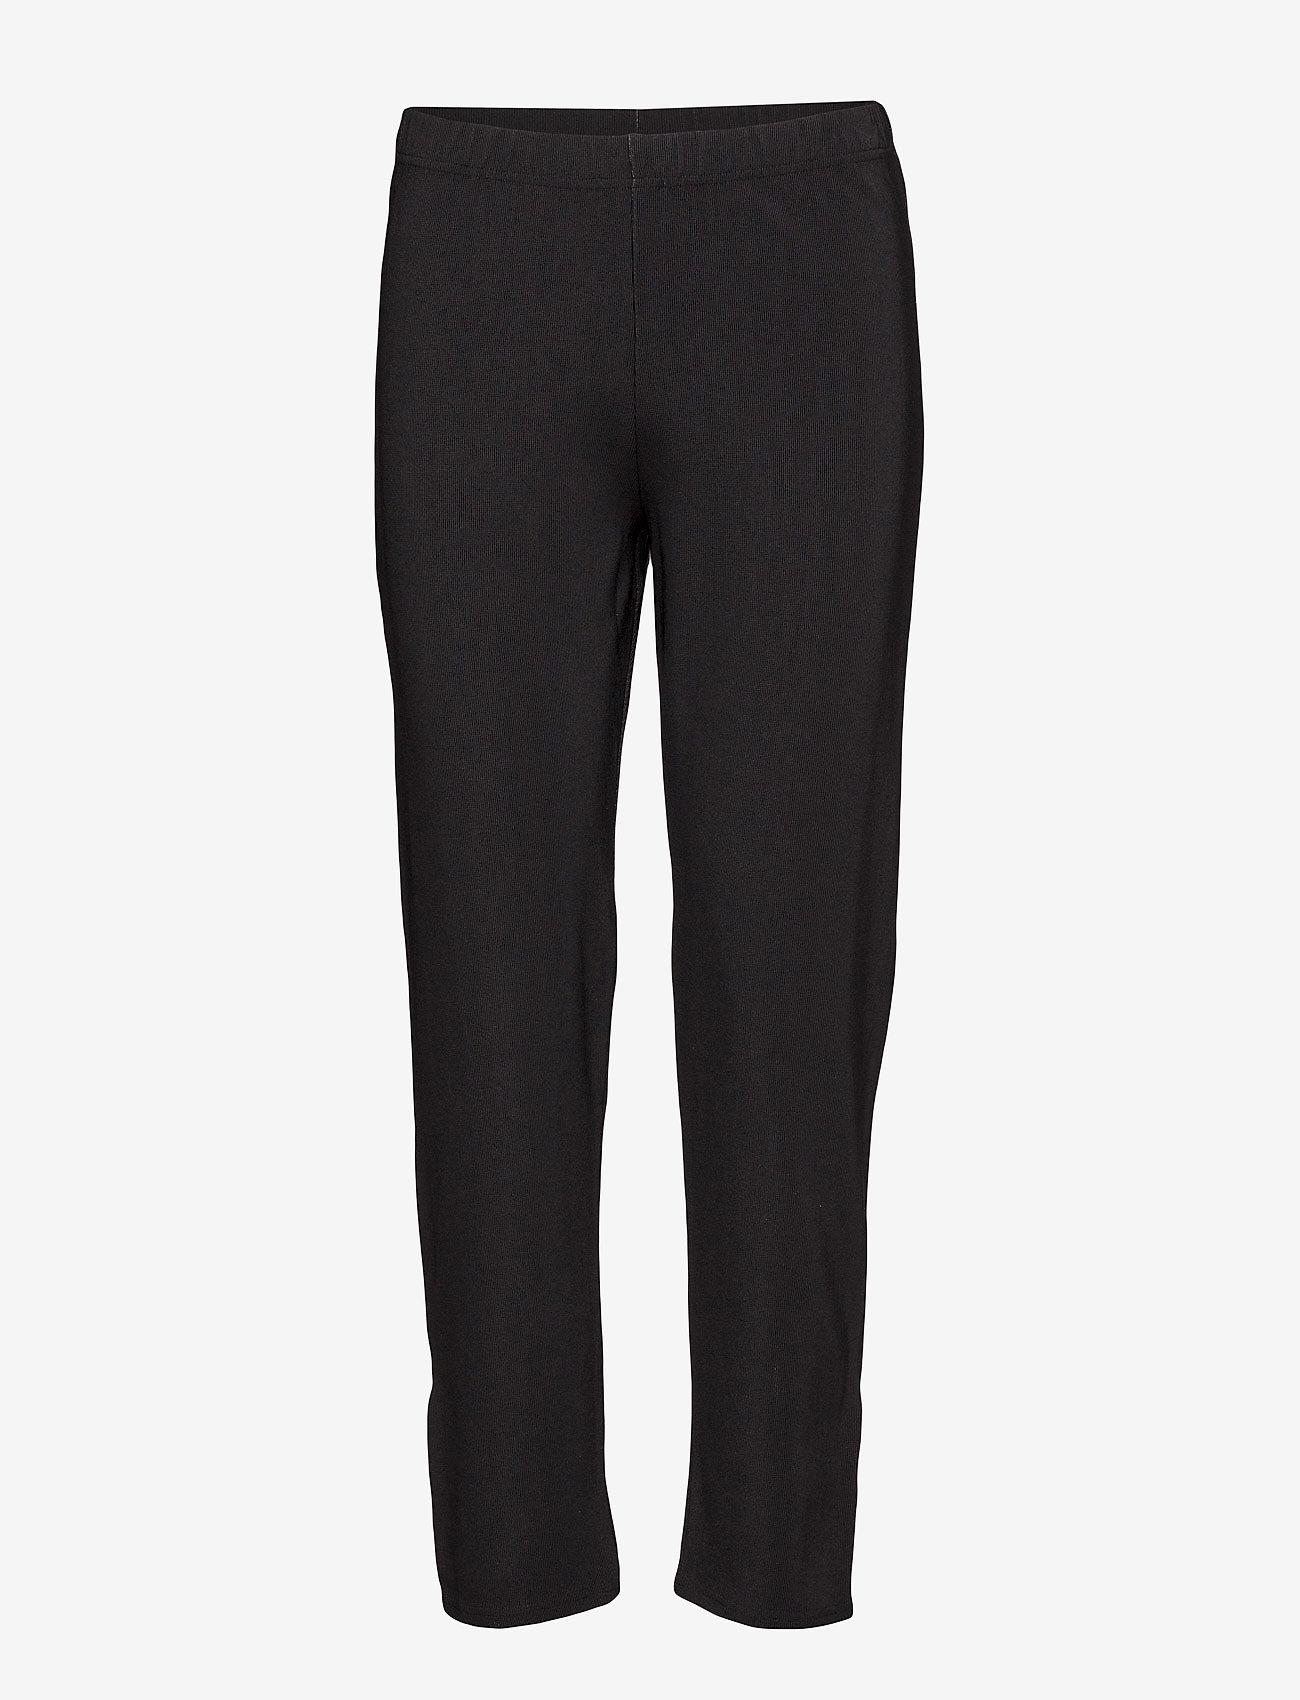 Masai - Polly - spodnie proste - black - 0